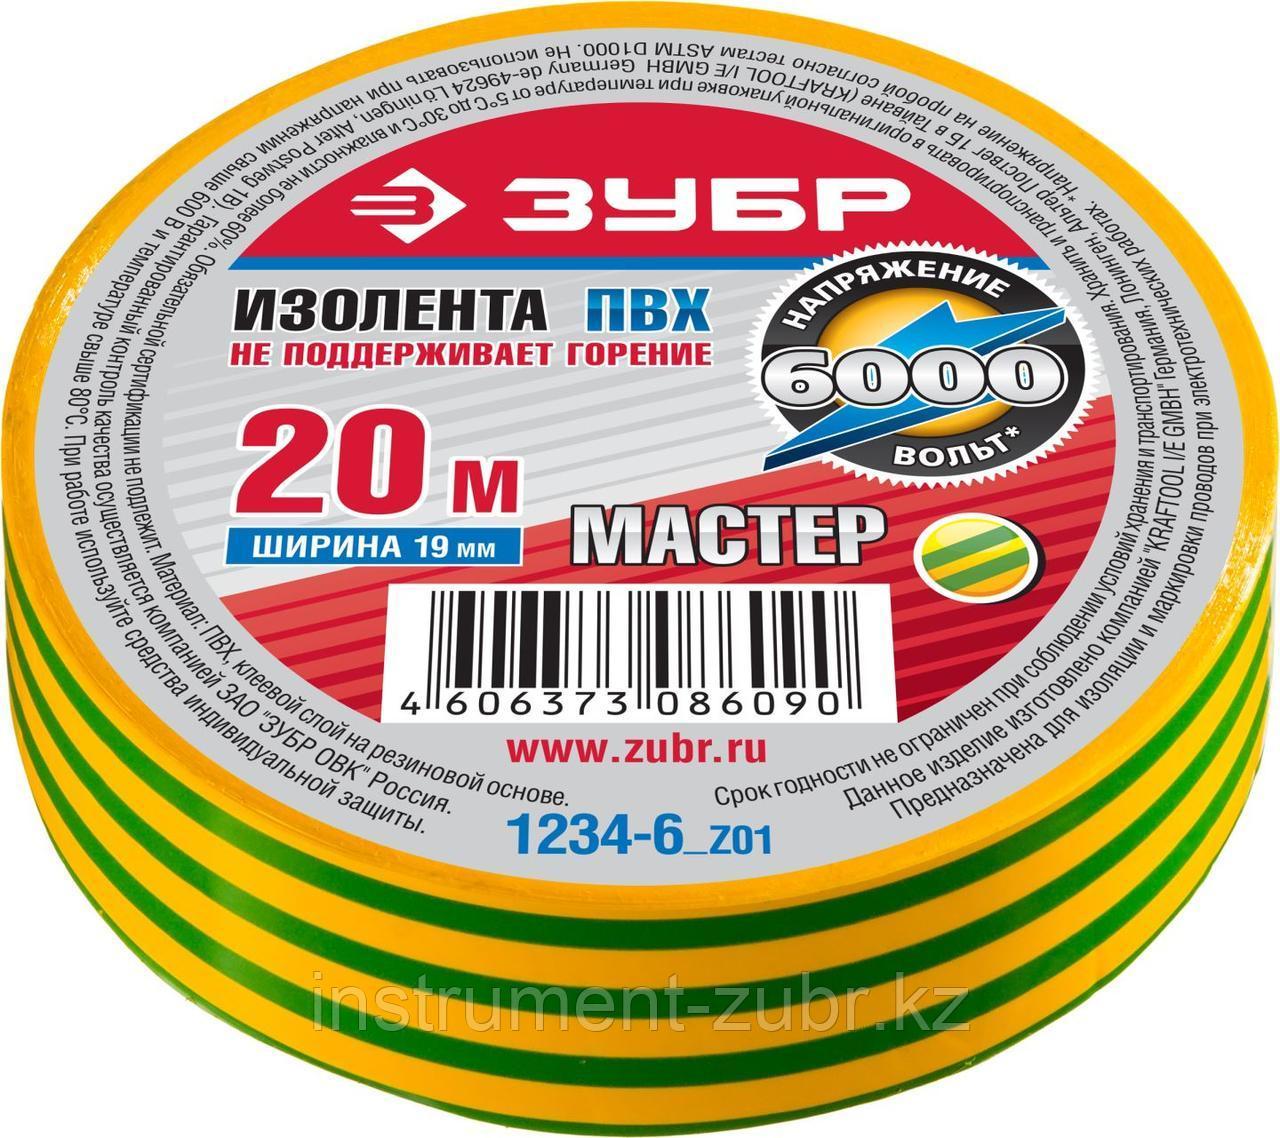 Изолента, ЗУБР Мастер 1234-6, ПВХ, не поддерживающая горение, 6000 В, 19мм х 20м, желто-зеленая